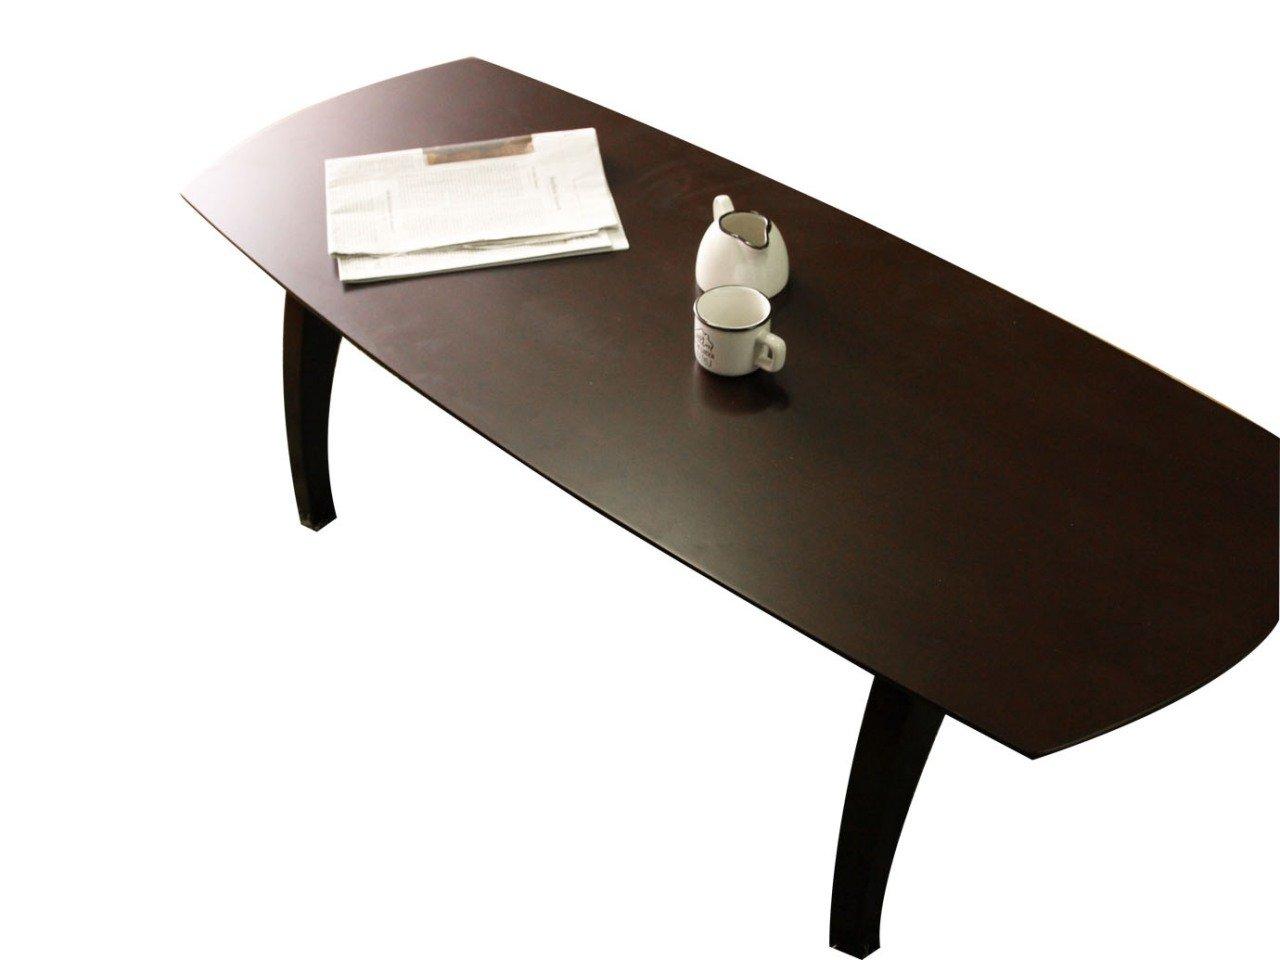 UNE BONNE(ウネボネ) 北欧 折りたたみ式 木製 ローテーブル アンティーク ソファ サイドテーブルカプチーノ B01DA0UAU6  COPPUCCINO